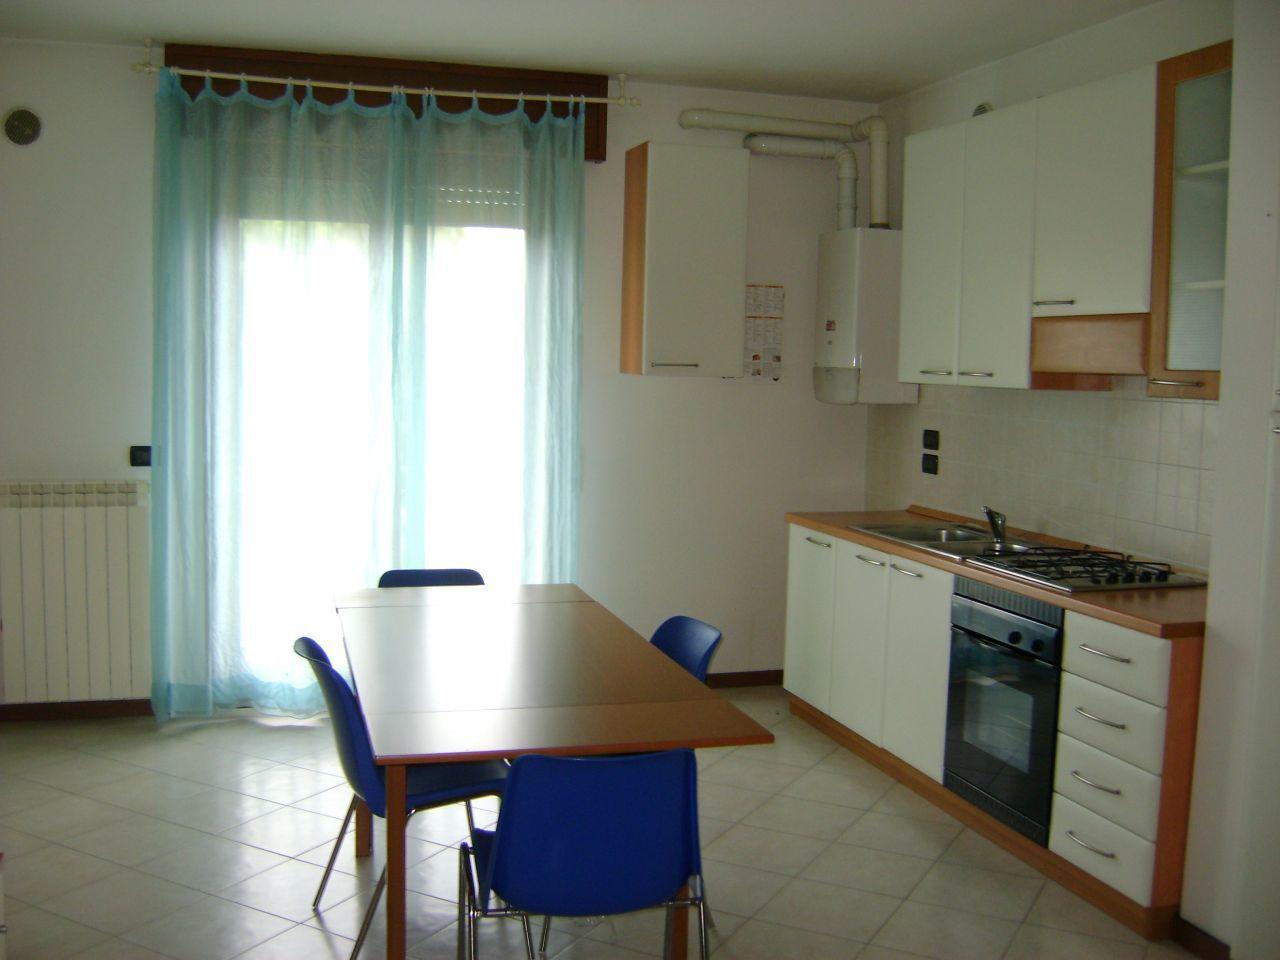 Appartamento  - miniappartamento a Lobbia Vicentina, Lonigo